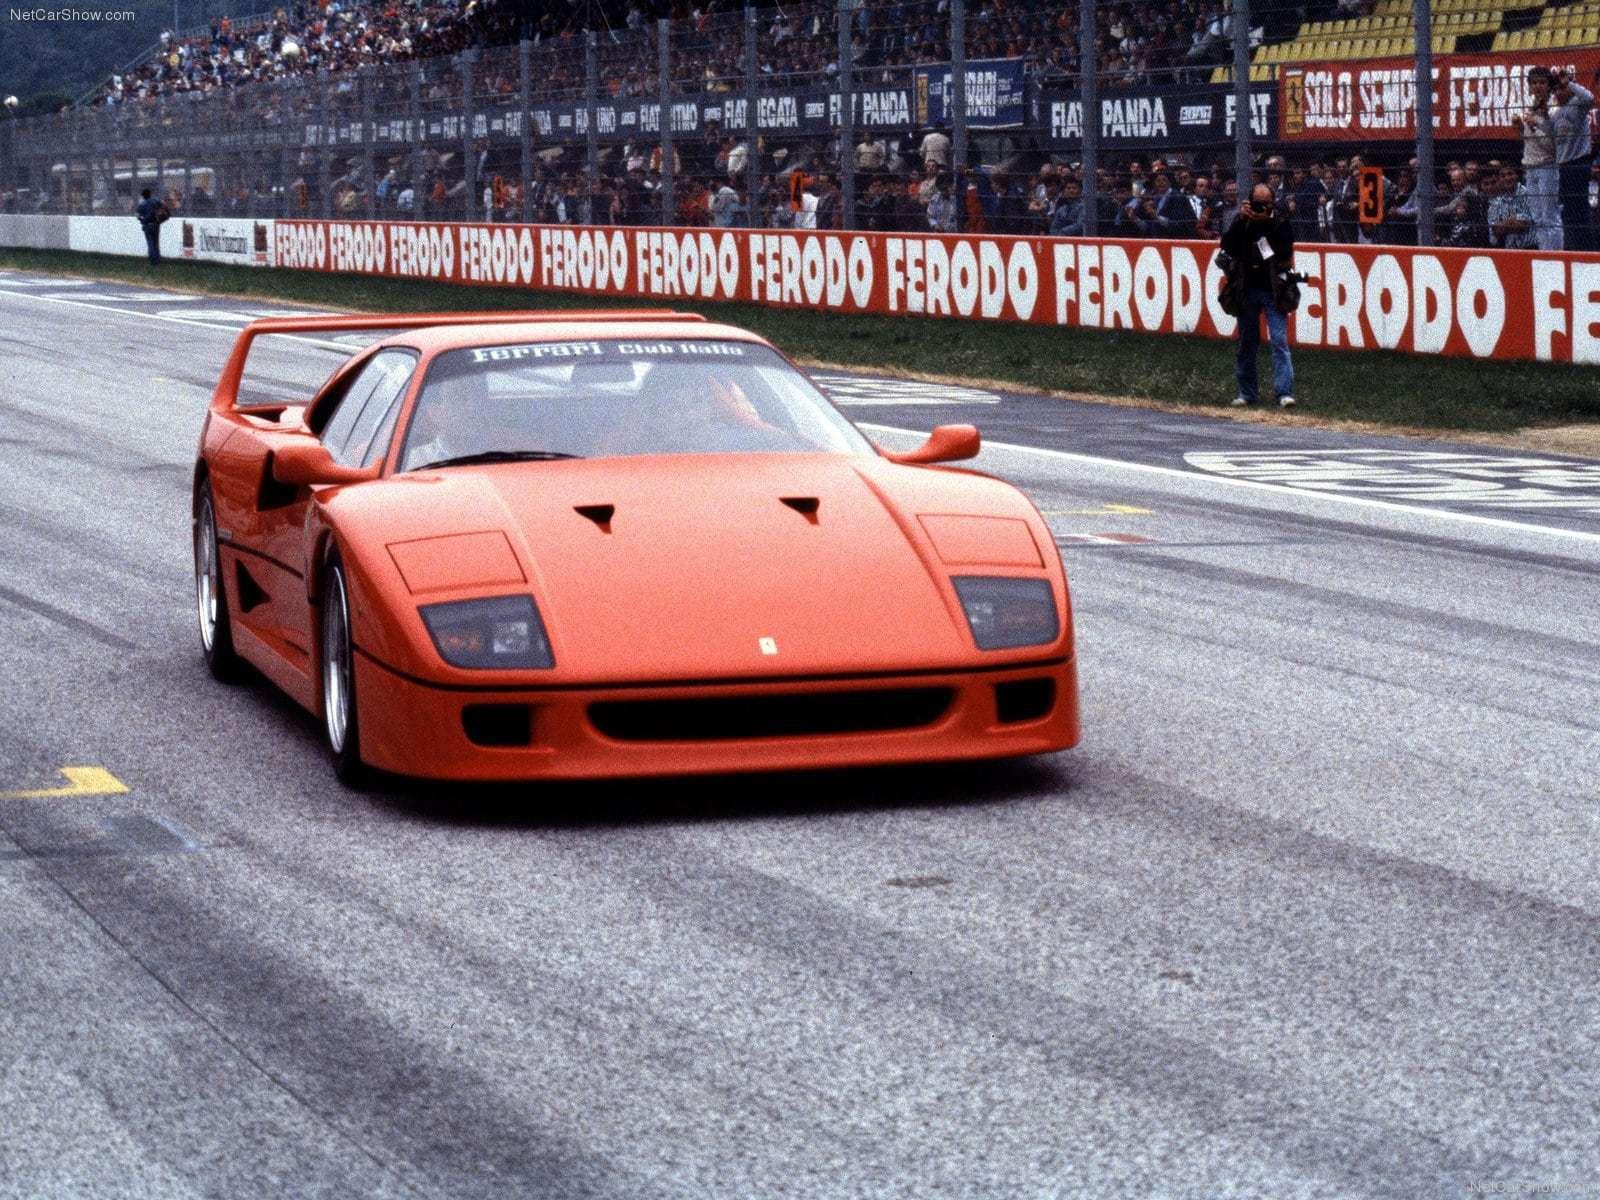 Ferrari F40 HD